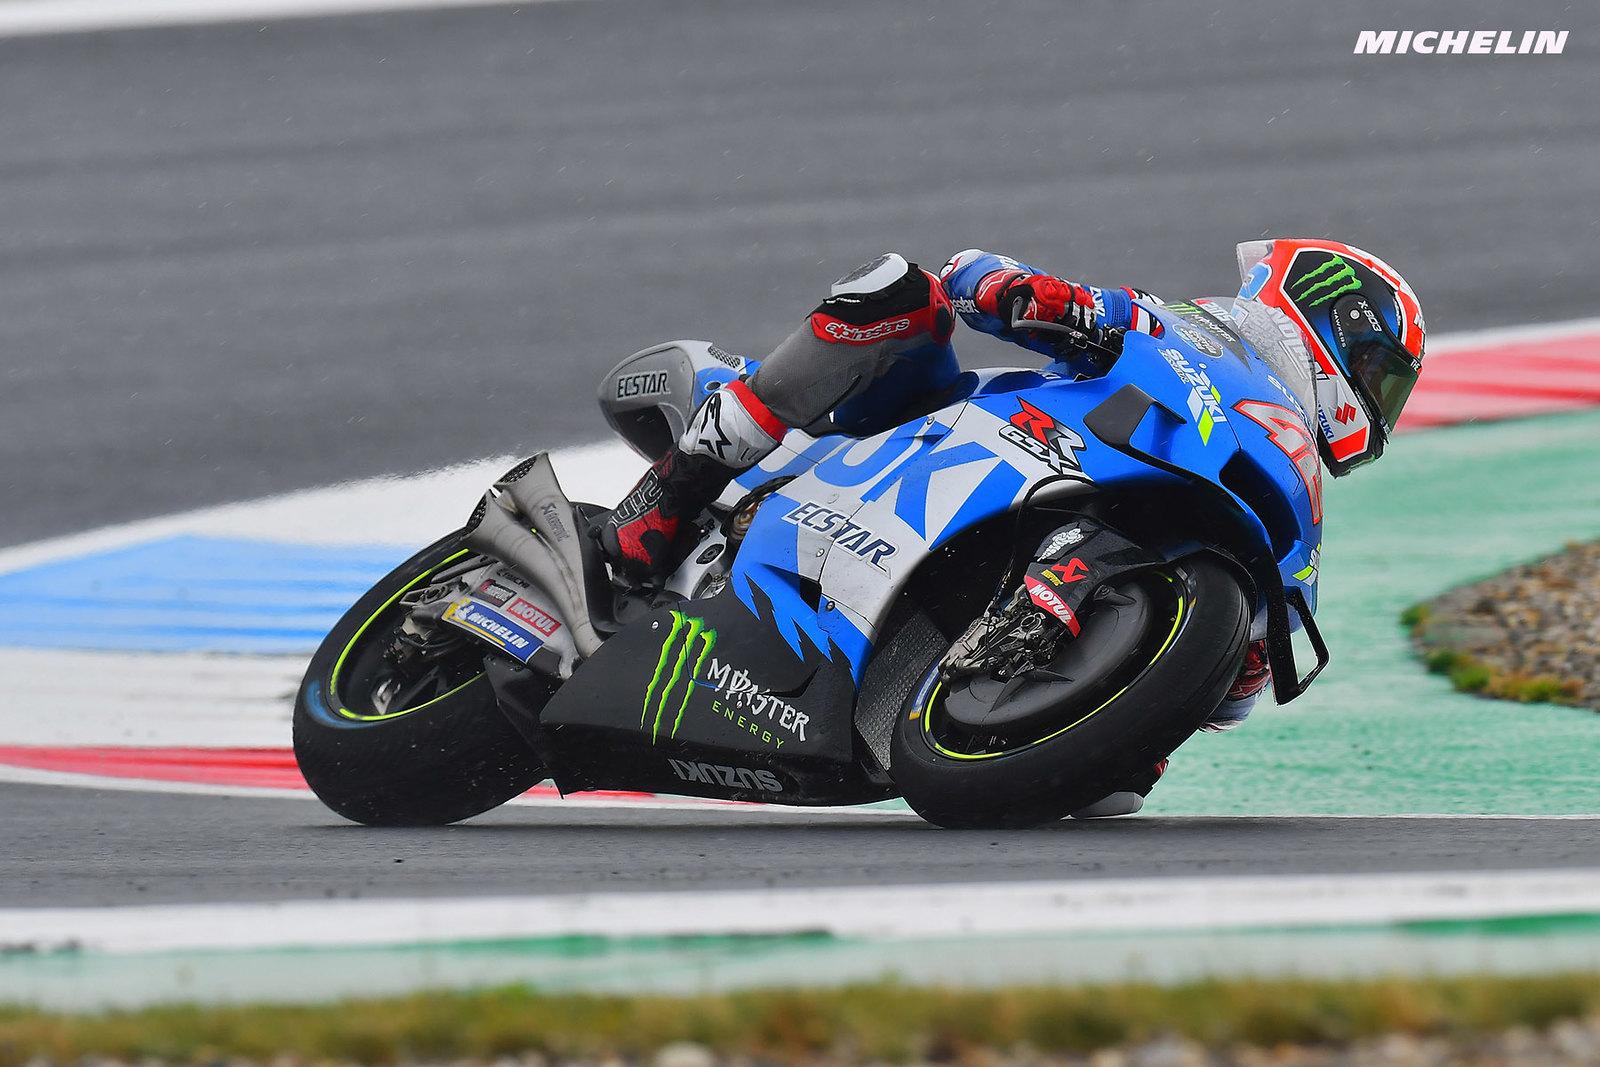 MotoGP2021オランダGP 初日総合5位アレックス・リンス「高速コーナーで苦戦してしまう」